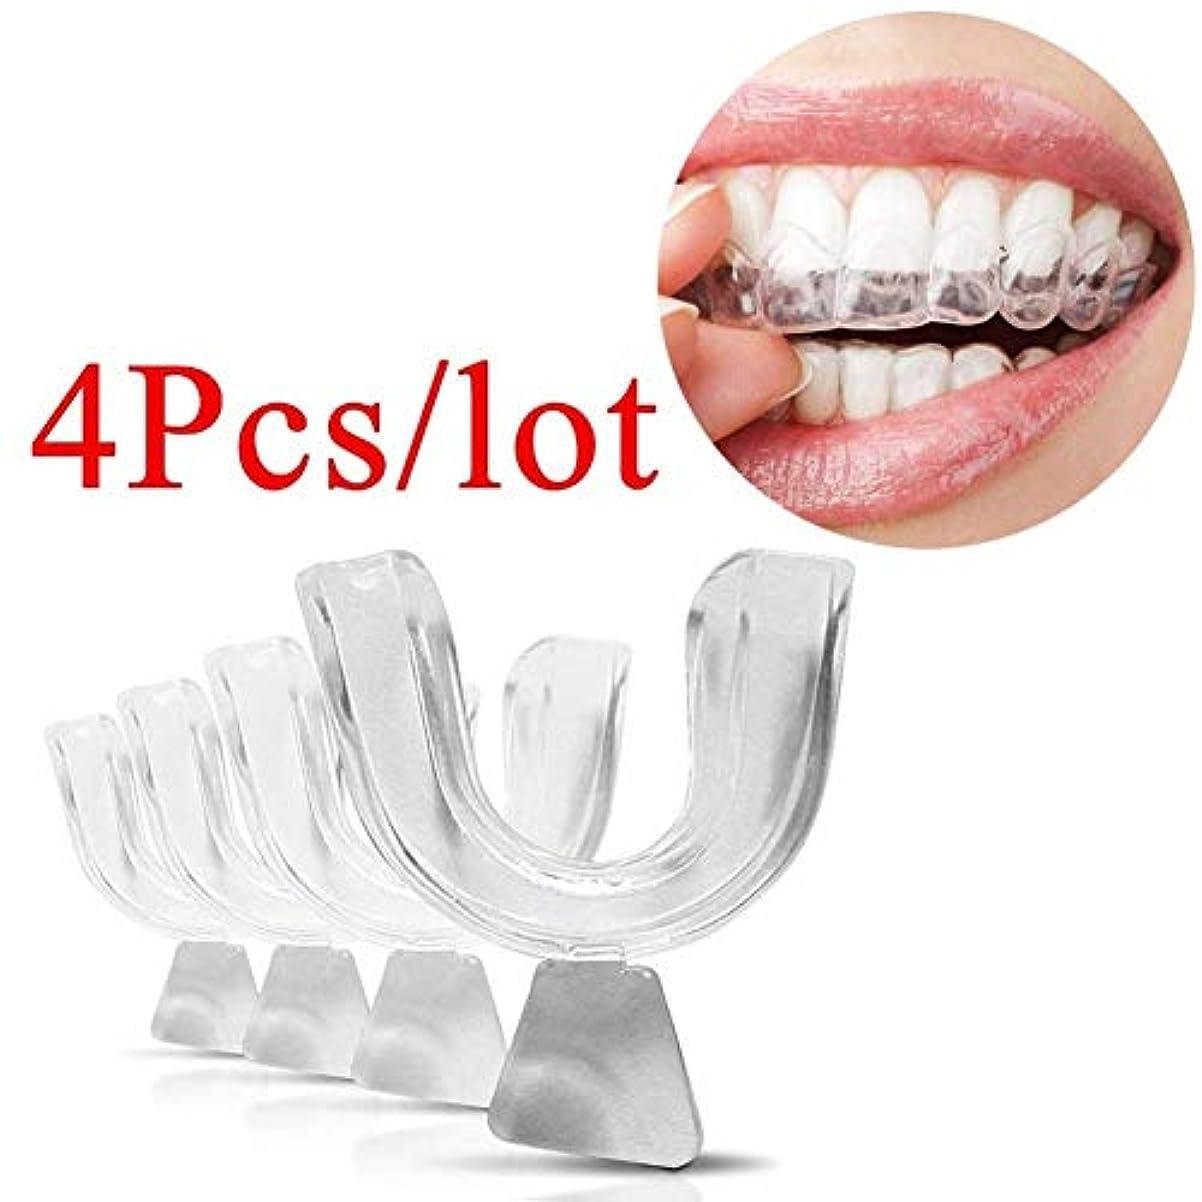 新聞講義石透明な食品等級を白くする安全な口の皿のMoldable歯科用歯の口の歯,4Pcs